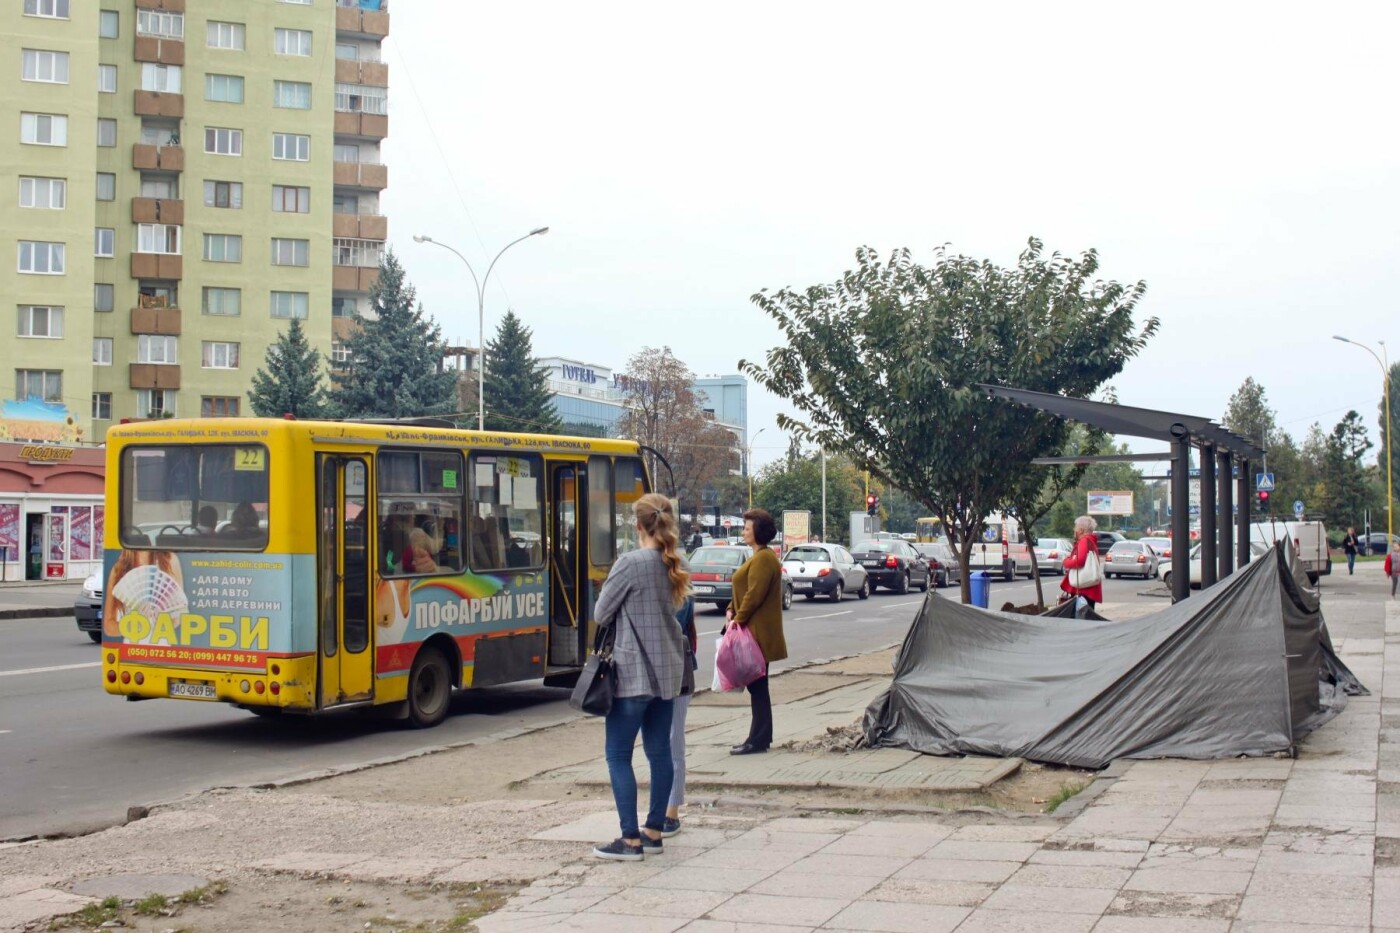 Нові зупинки в Ужгороді будуть до неділі, а вай-фай - за 3 тижні, фото-10